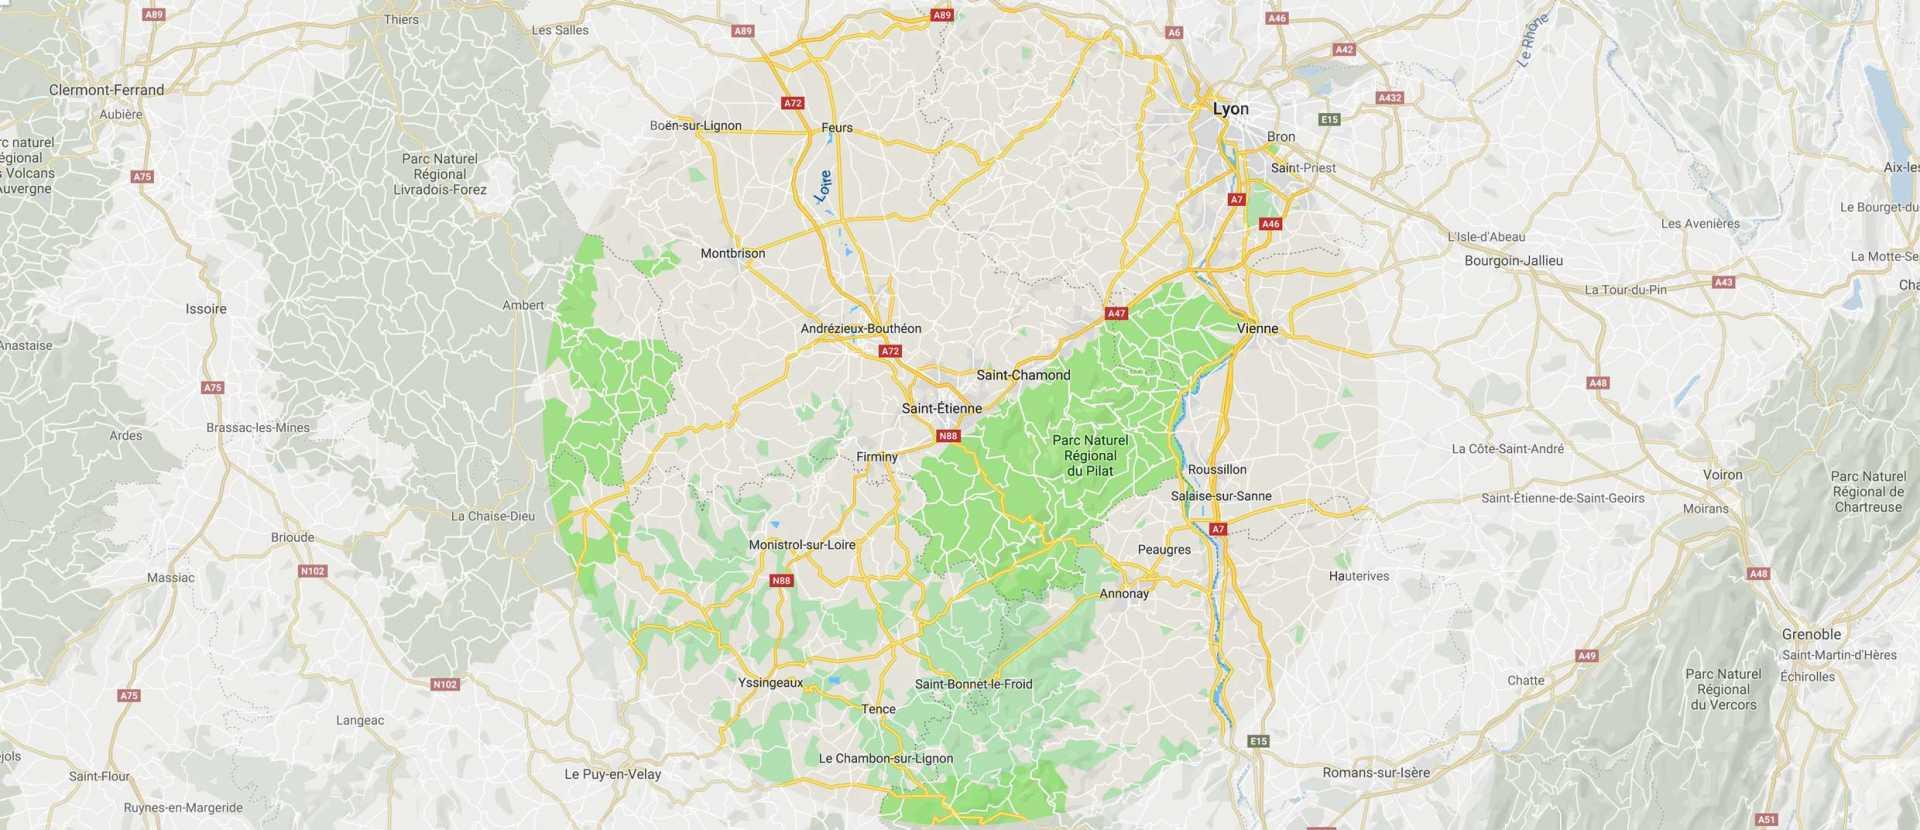 R Porte interveint sur 60 km autour de Saint-Etienne